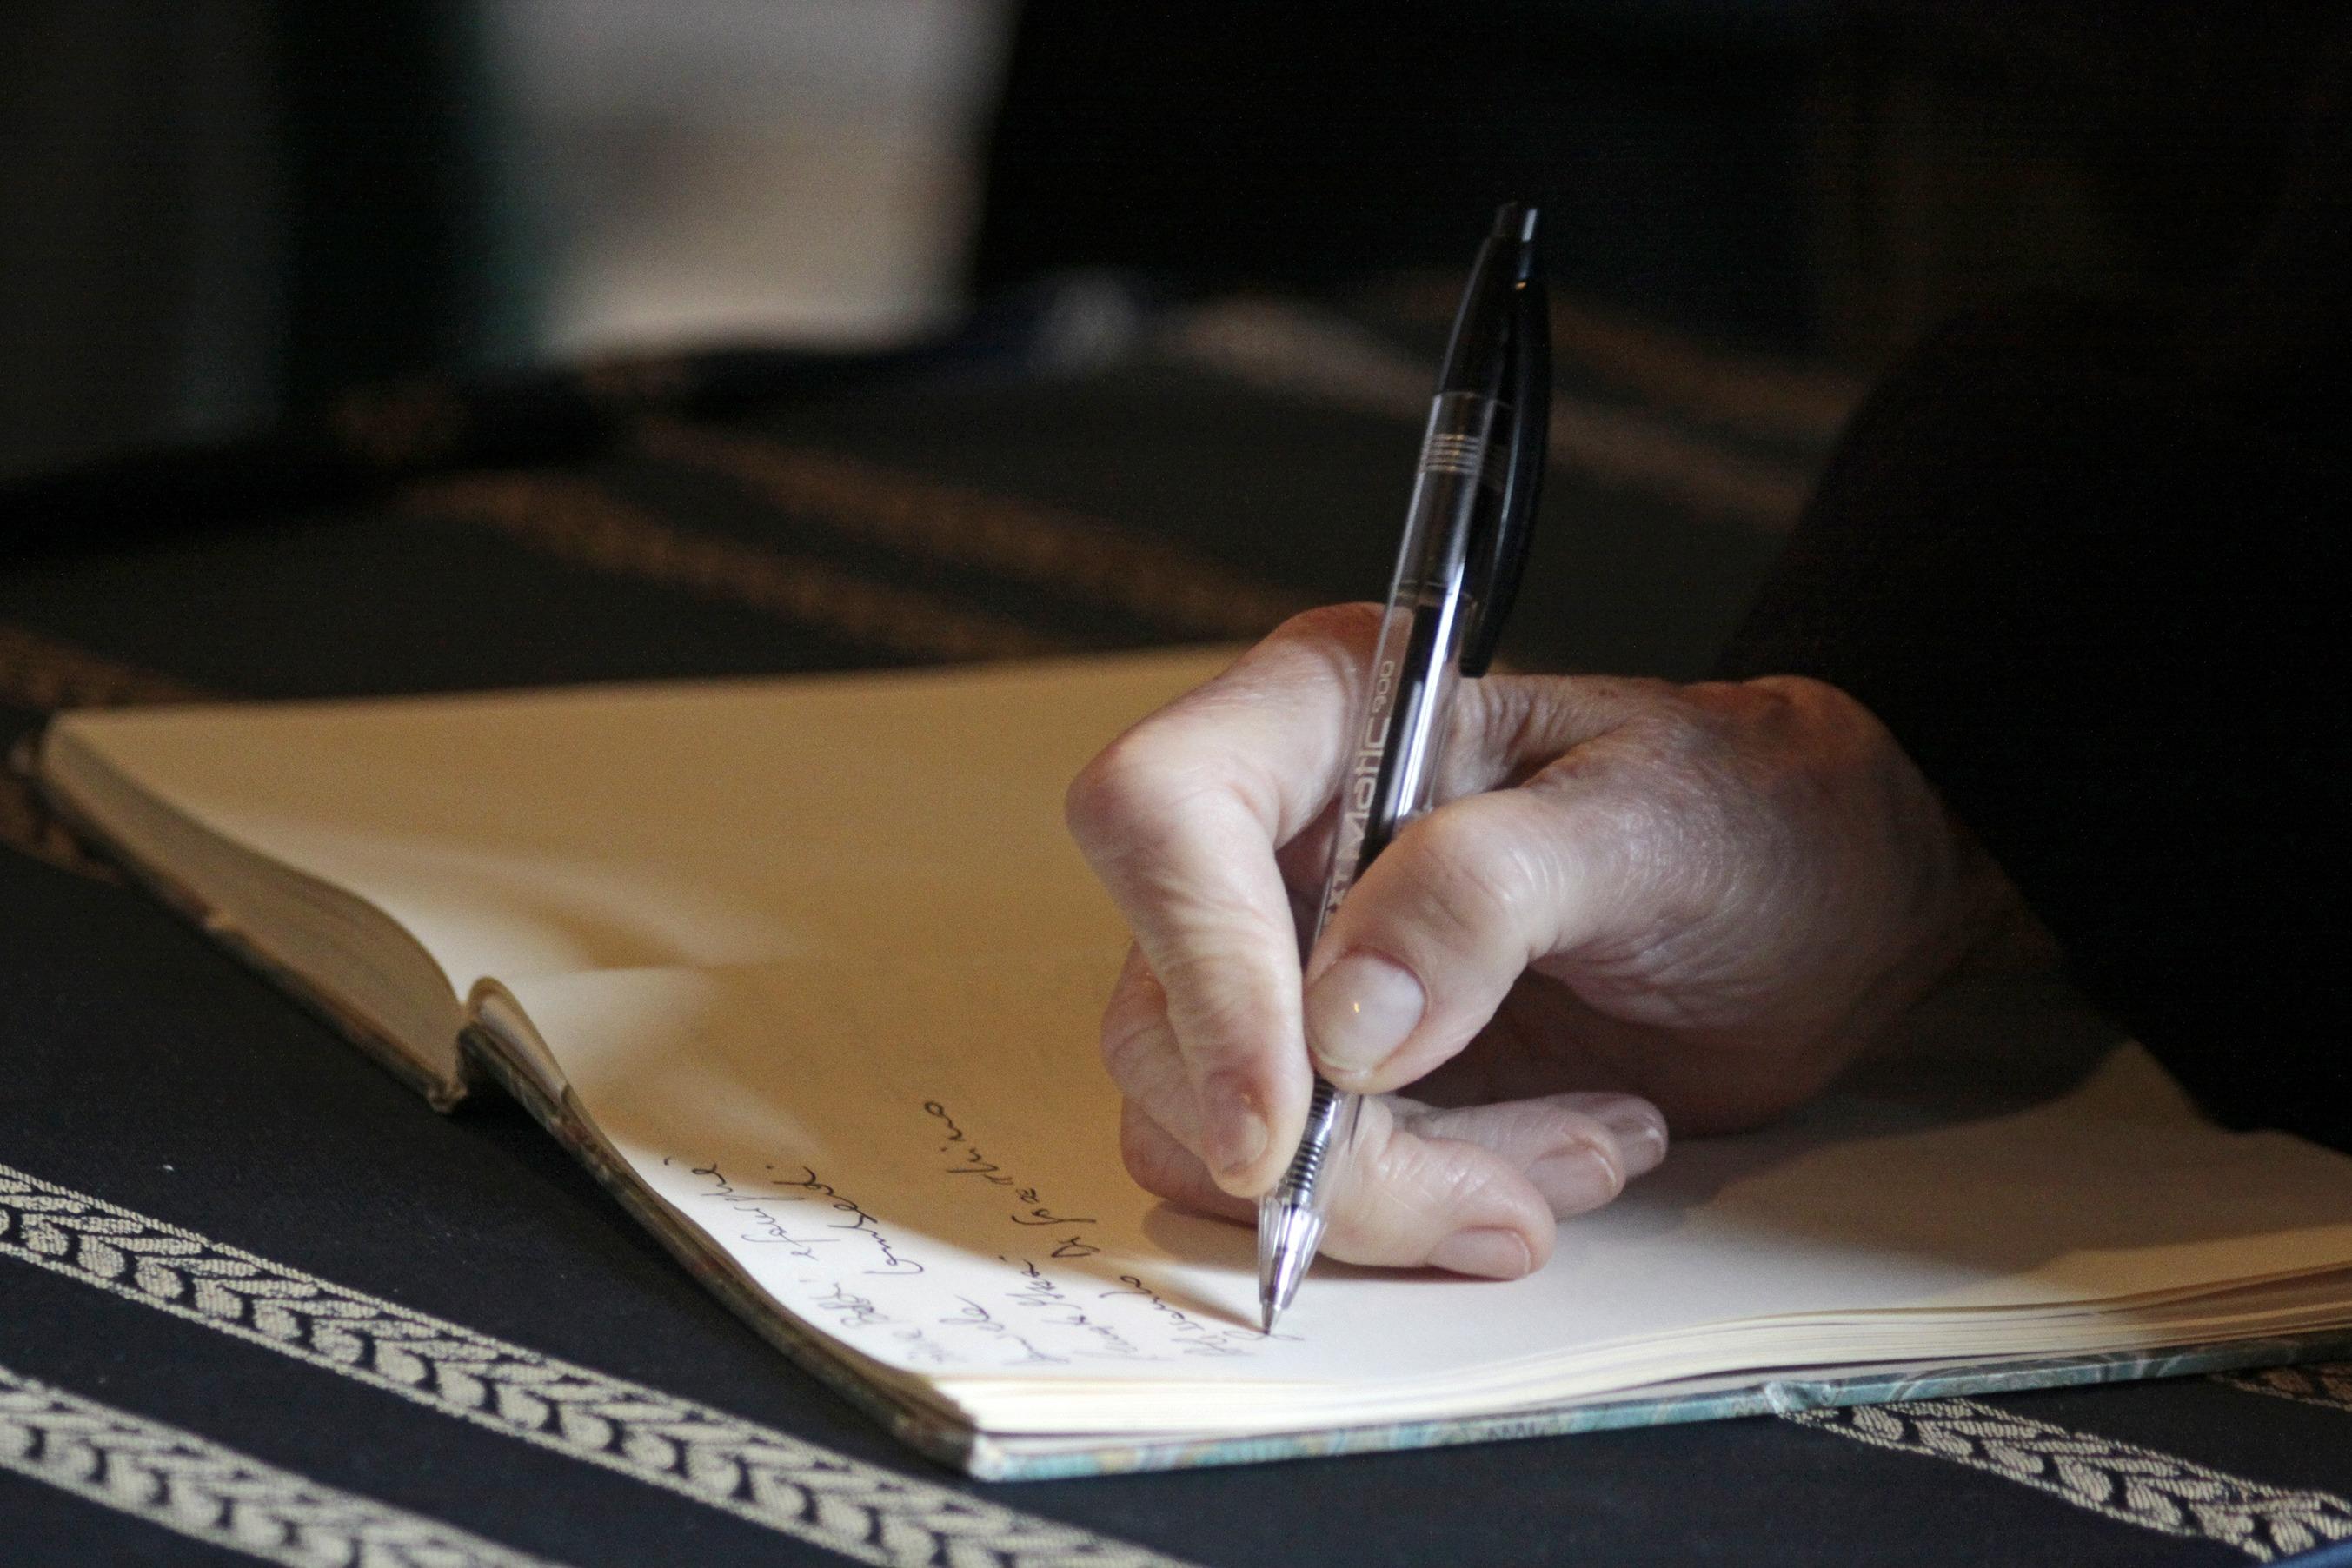 картинки человек пишет ручкой товар лицом